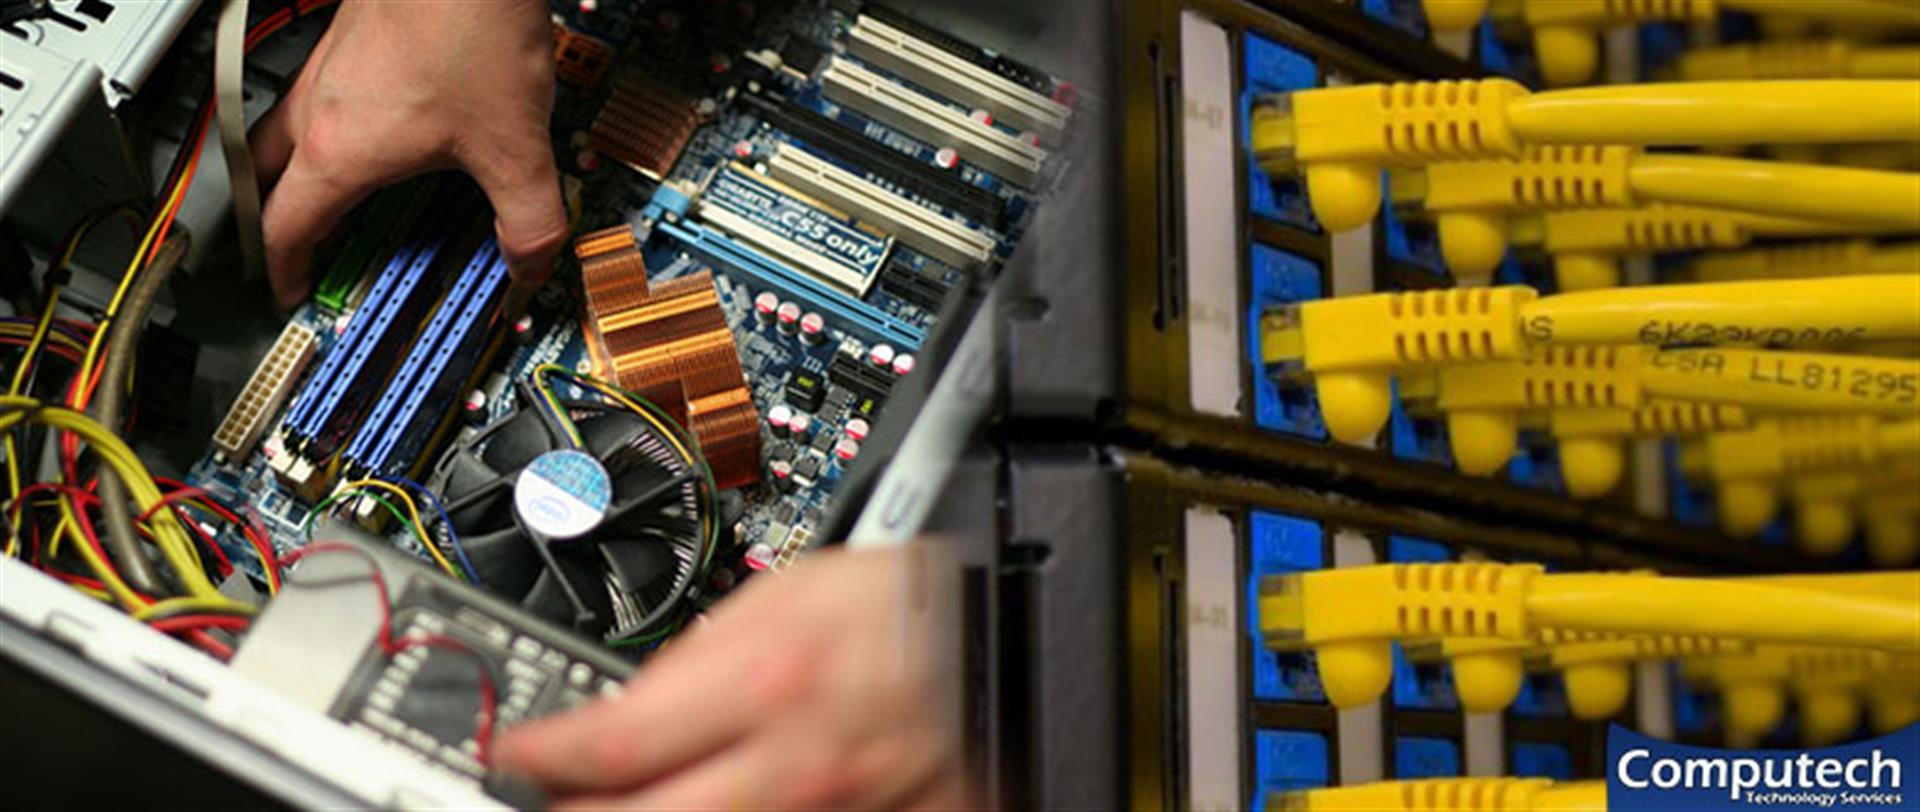 Pelham Alabama On Site Computer & Printer Repair, Network, Telecom & Data Cabling Services